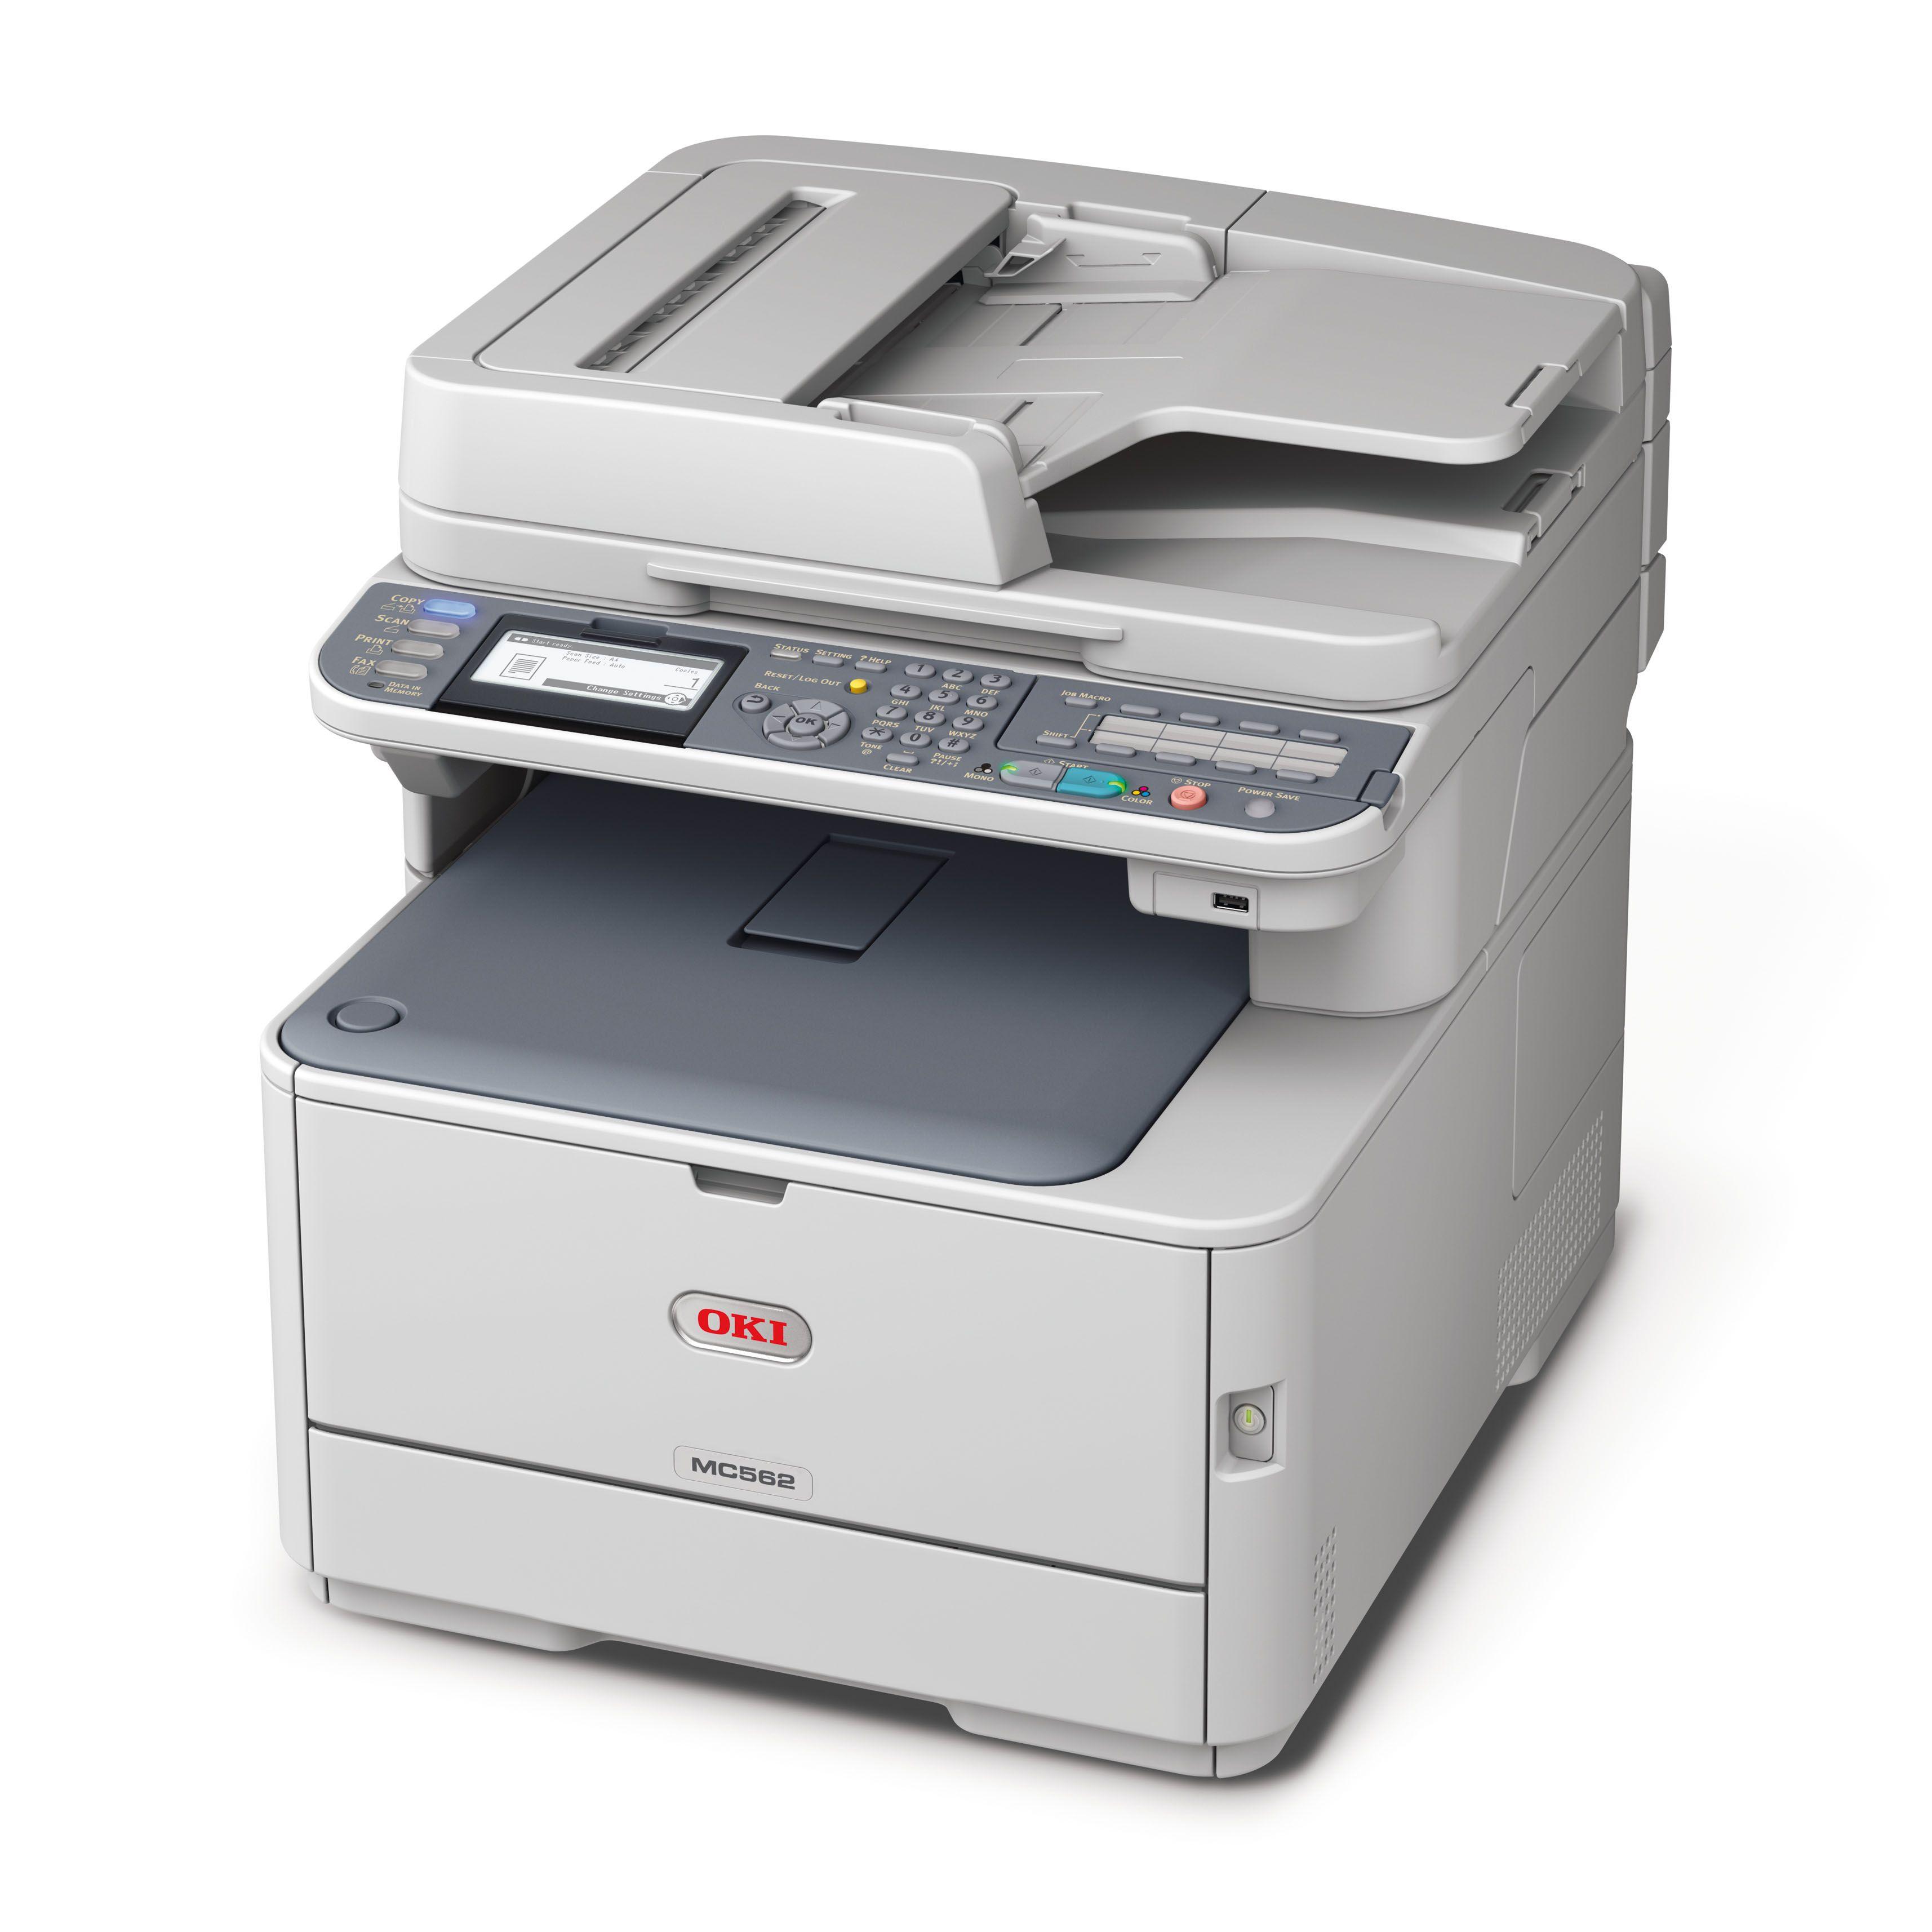 Sie Suchen Einen Neuen Drucker Fur Ihr Unternehmen Sie Drucken